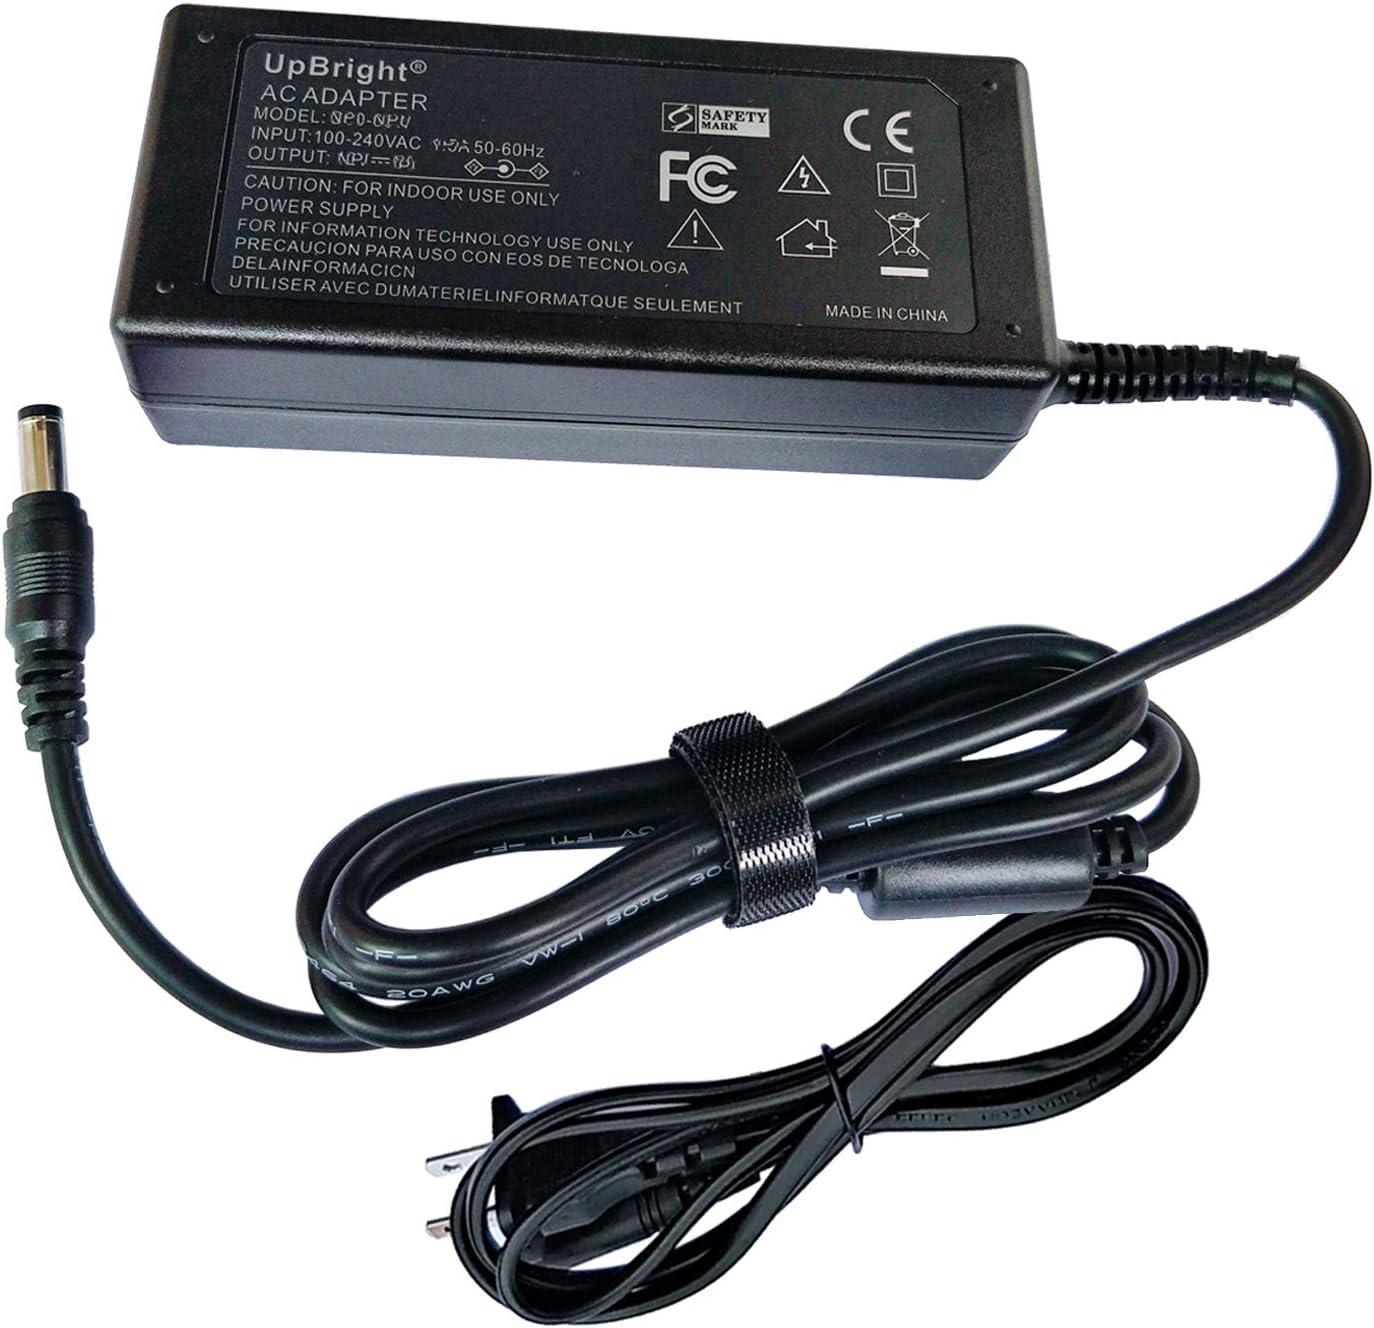 UpBright 18V AC DC Adapter for Beatbox BSC60-180333 Beats by Dr Dre Speaker Tango TRX IPU-TRX-11R IPU-TRXD-11 JBL S065BP1800300 EFS06501800330CE Harman kardon EFS06501800360CE IDP-TAN CE0890 700-0072